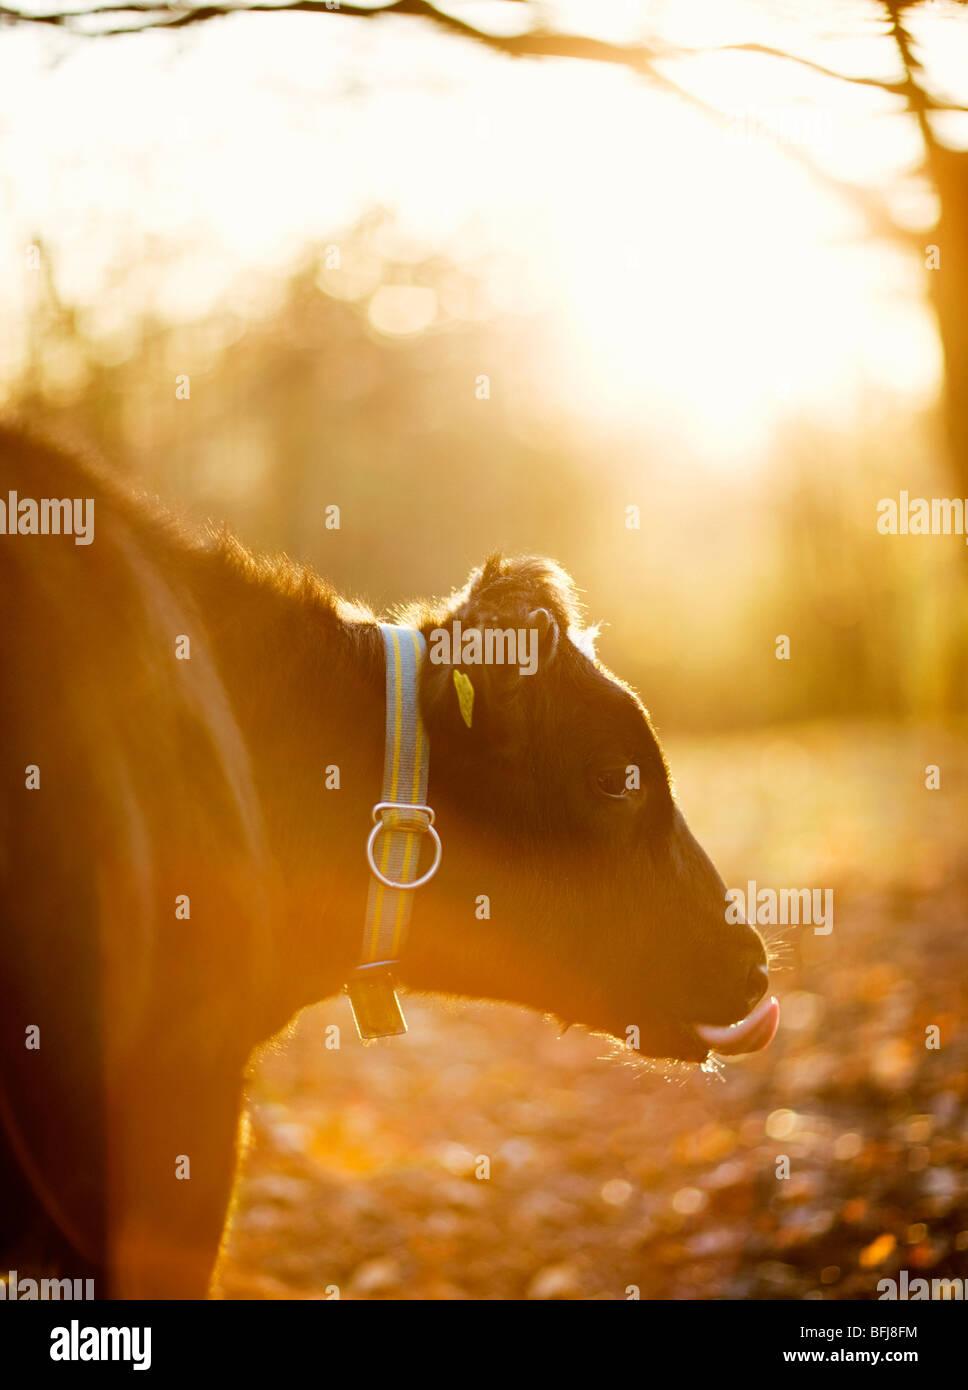 Una vaca contra la luz, Suecia. Imagen De Stock